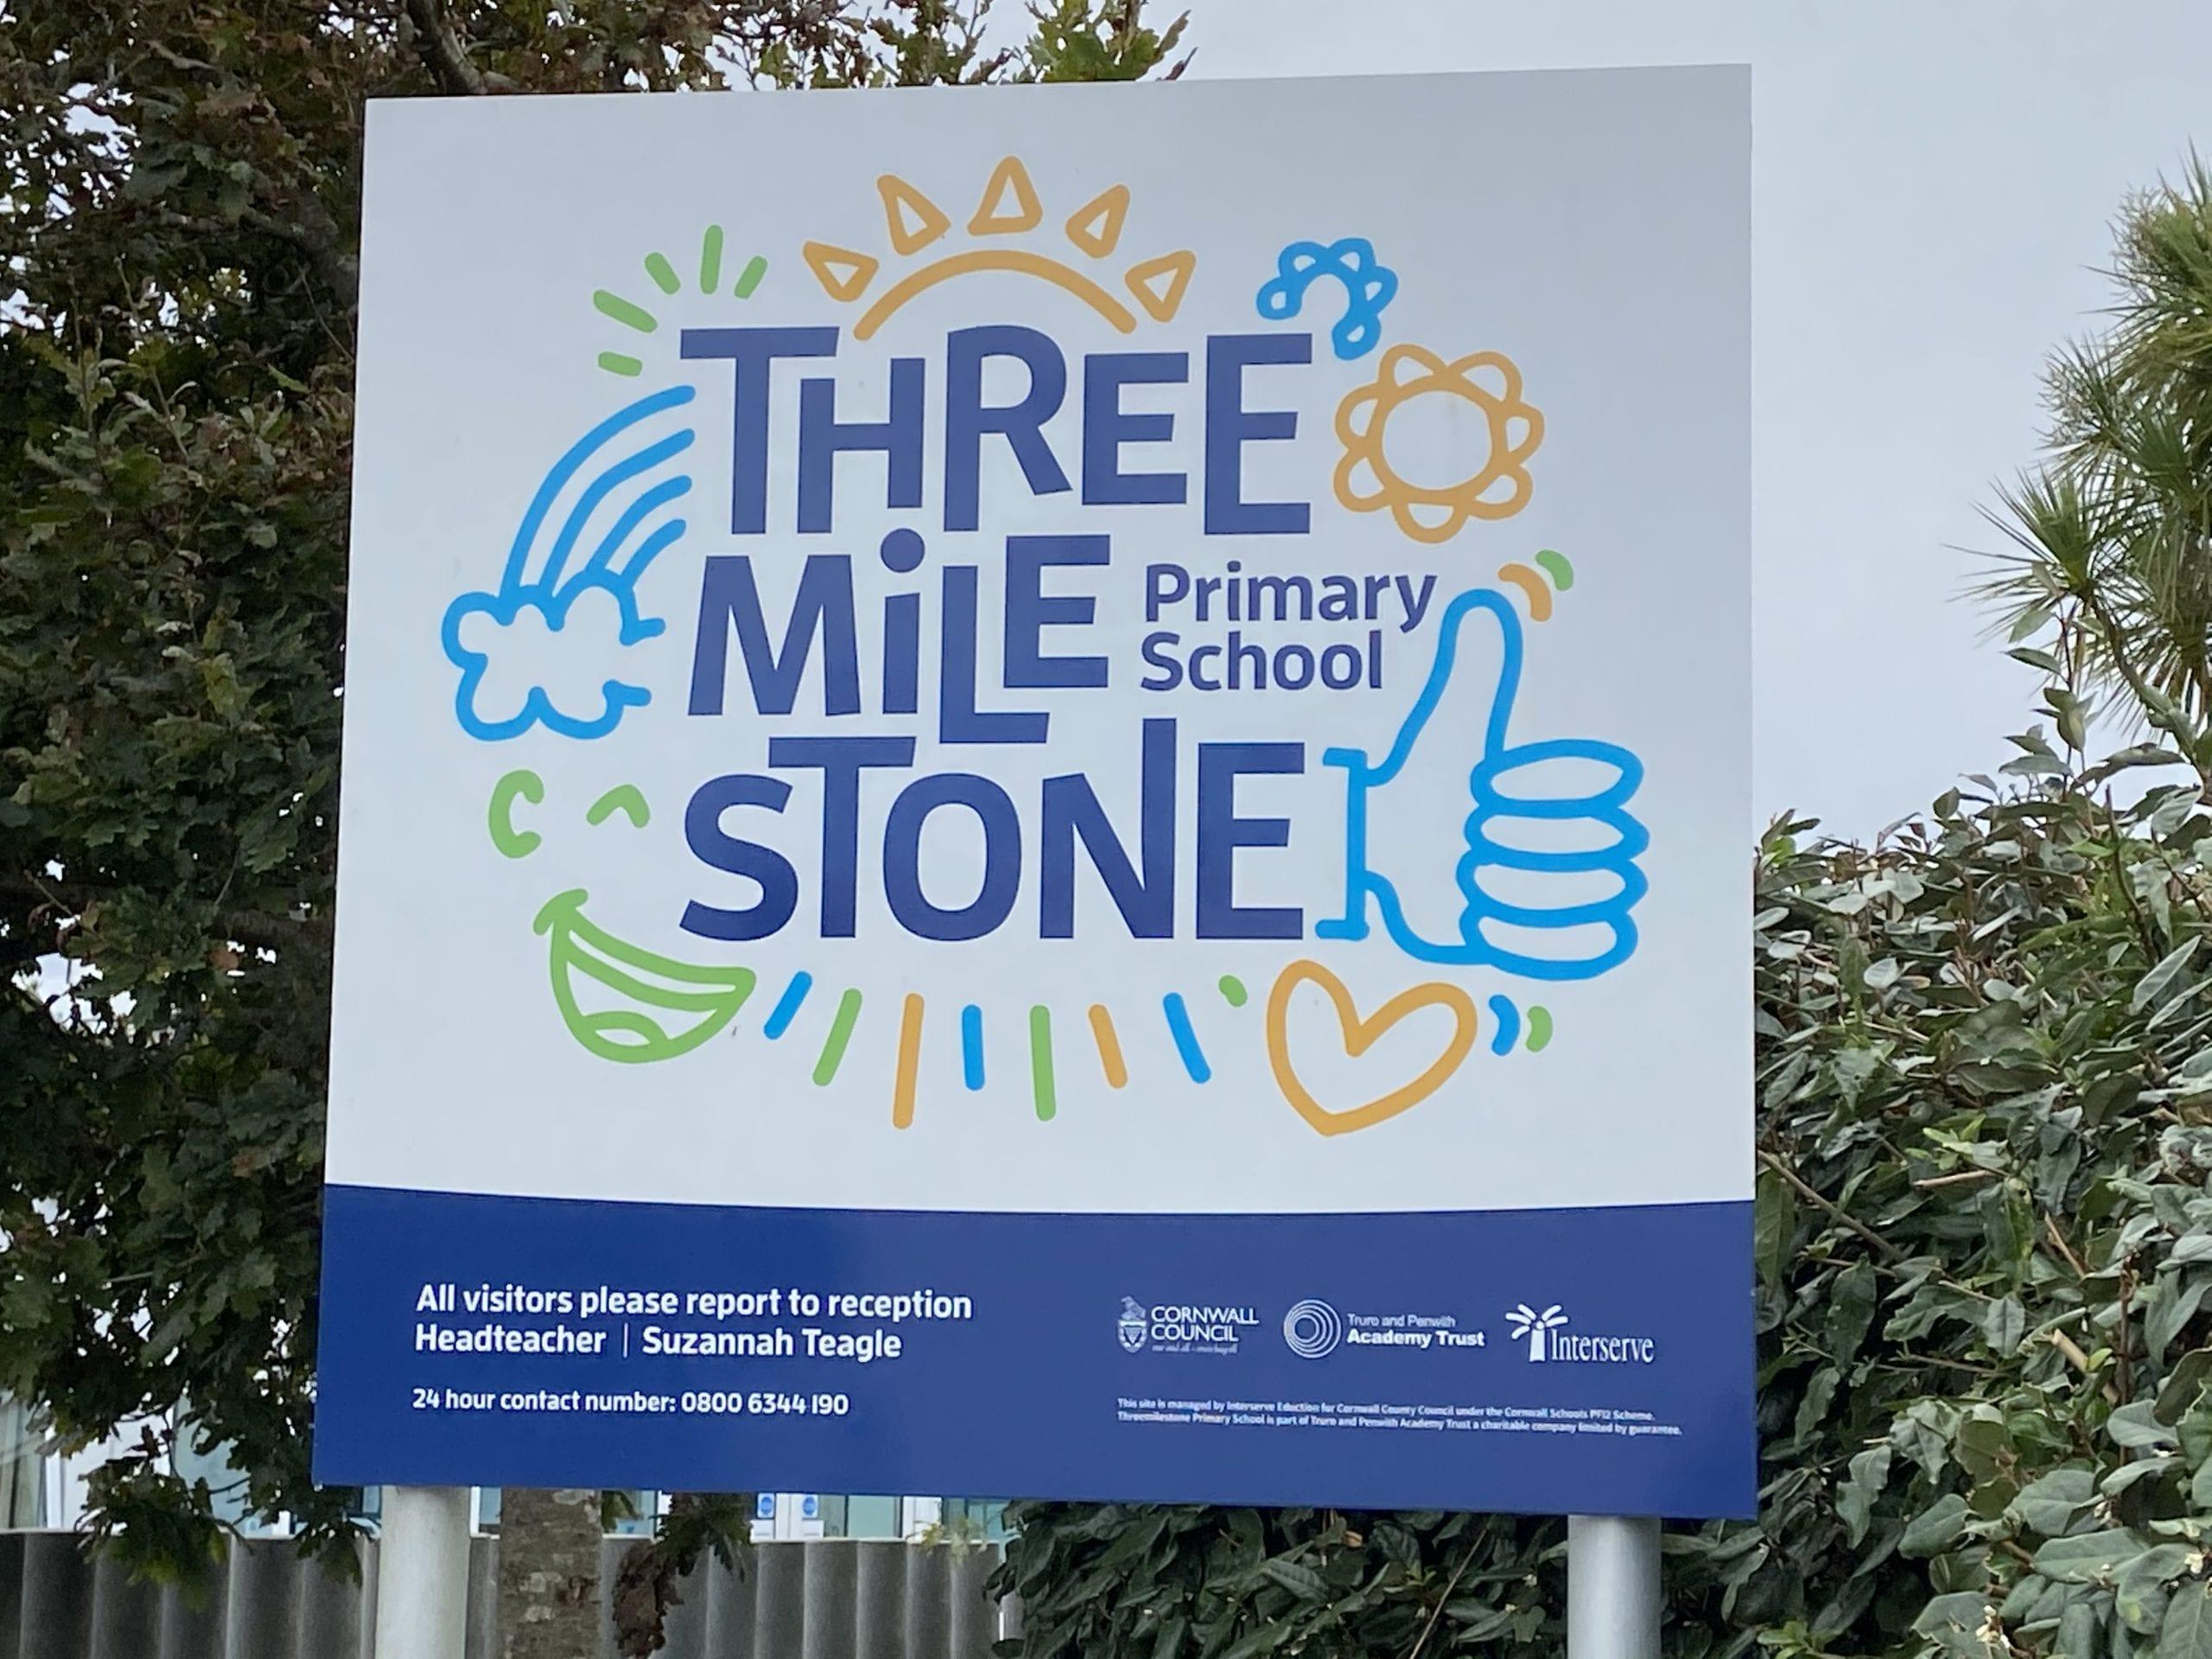 New hall for Threemilestone Primary School